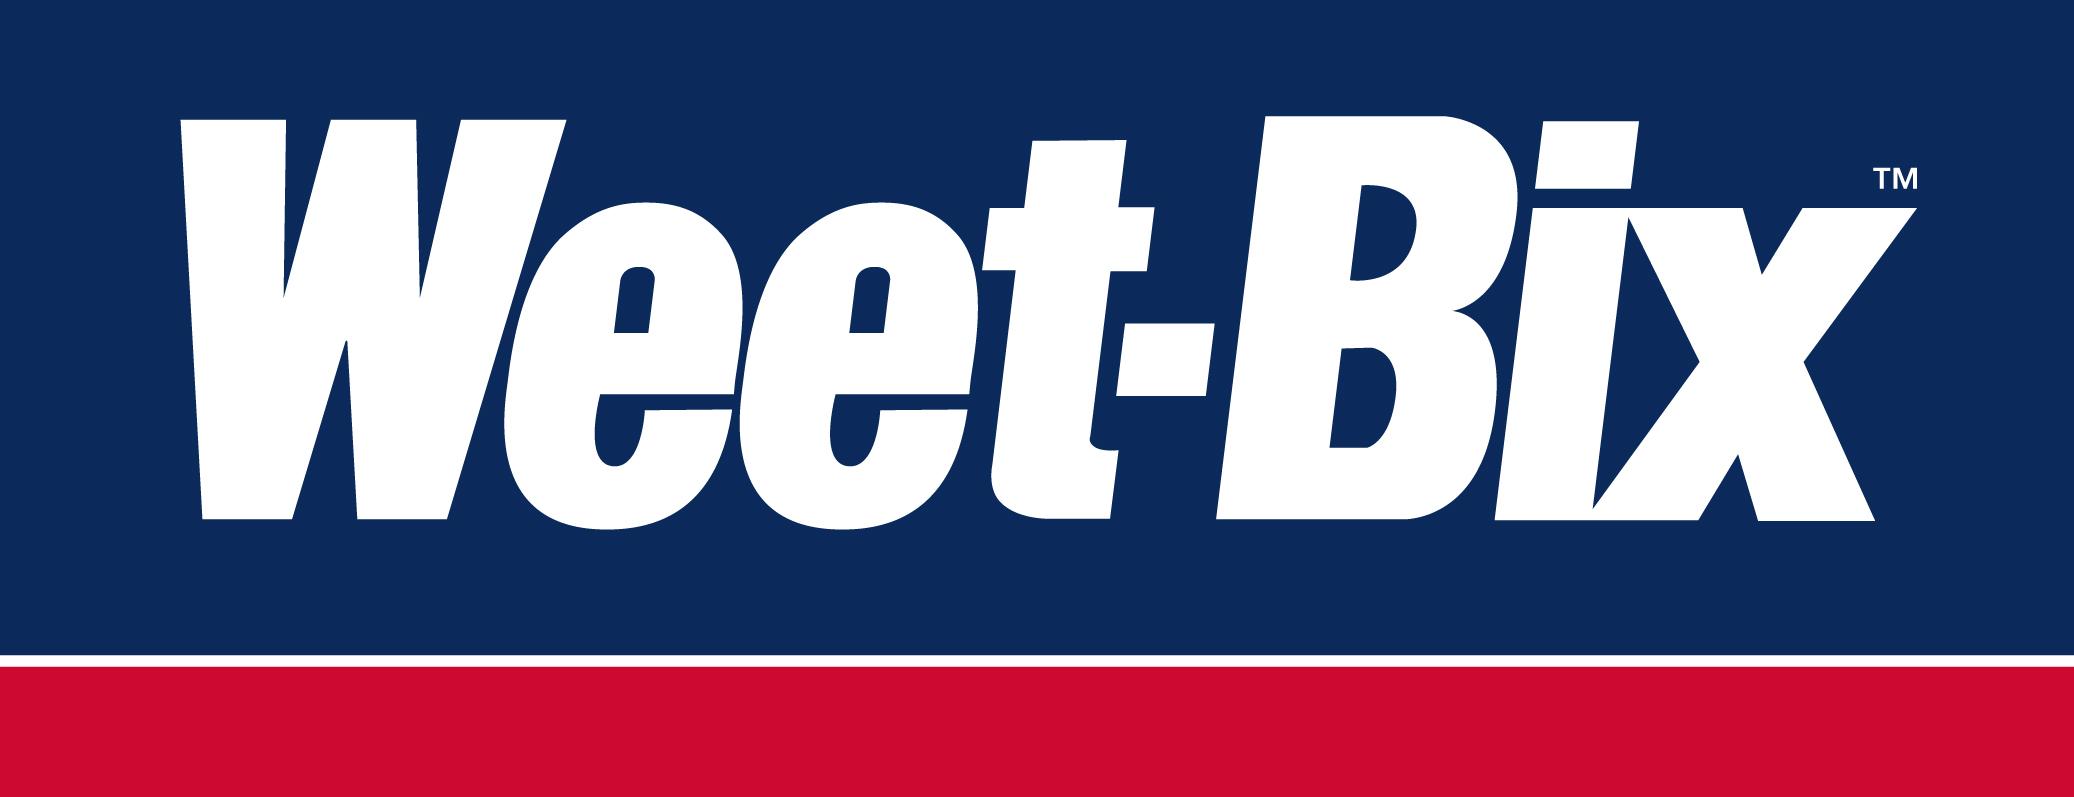 logo Weet-Bix